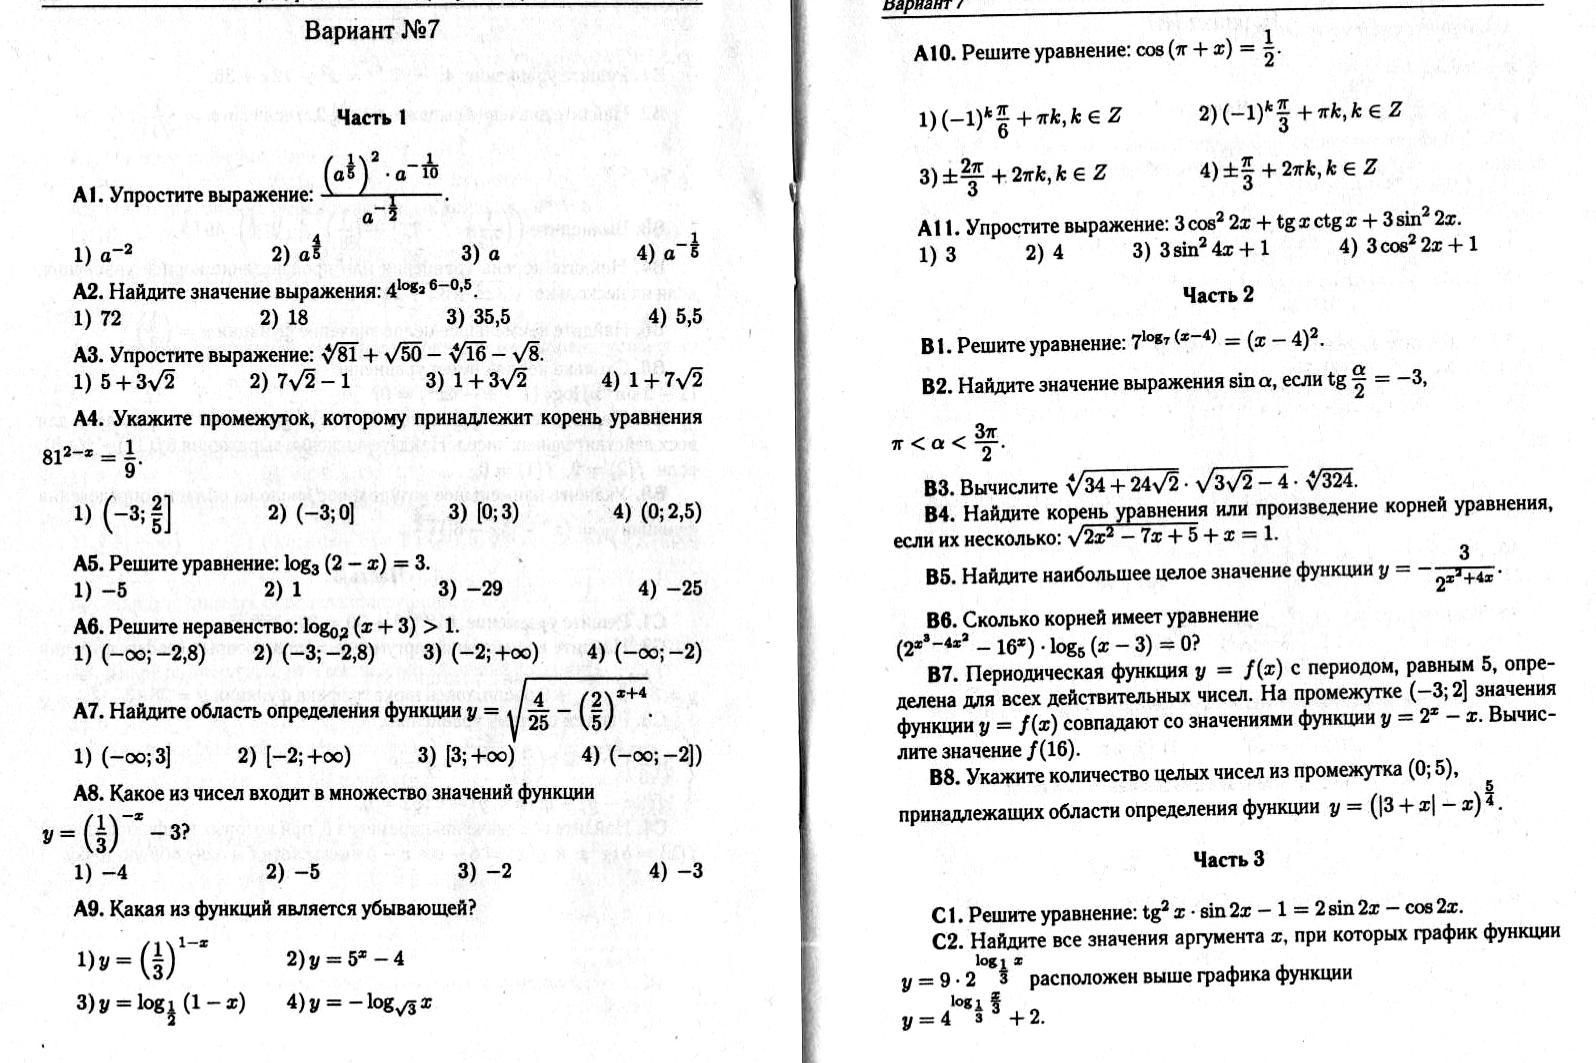 Гатовые котрольные работы по геометрии за 8 класс